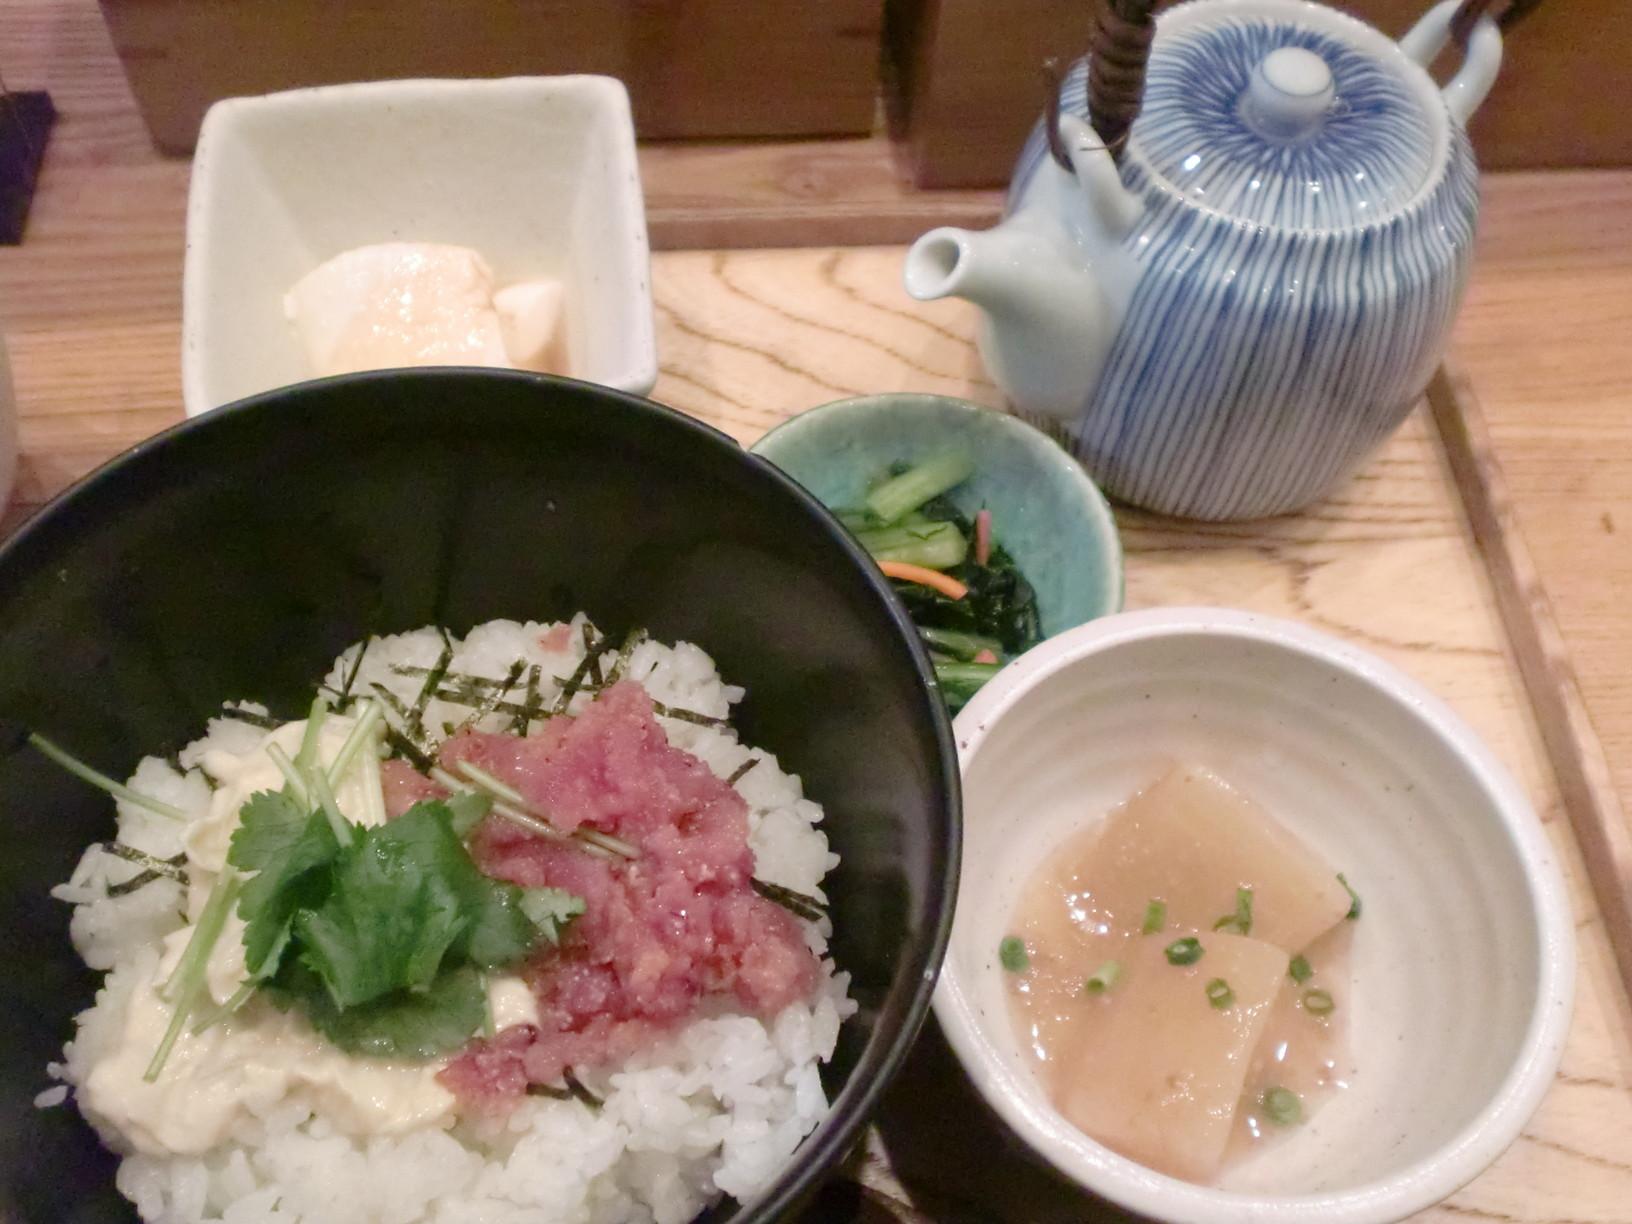 和食屋の惣菜 えん 日本橋店